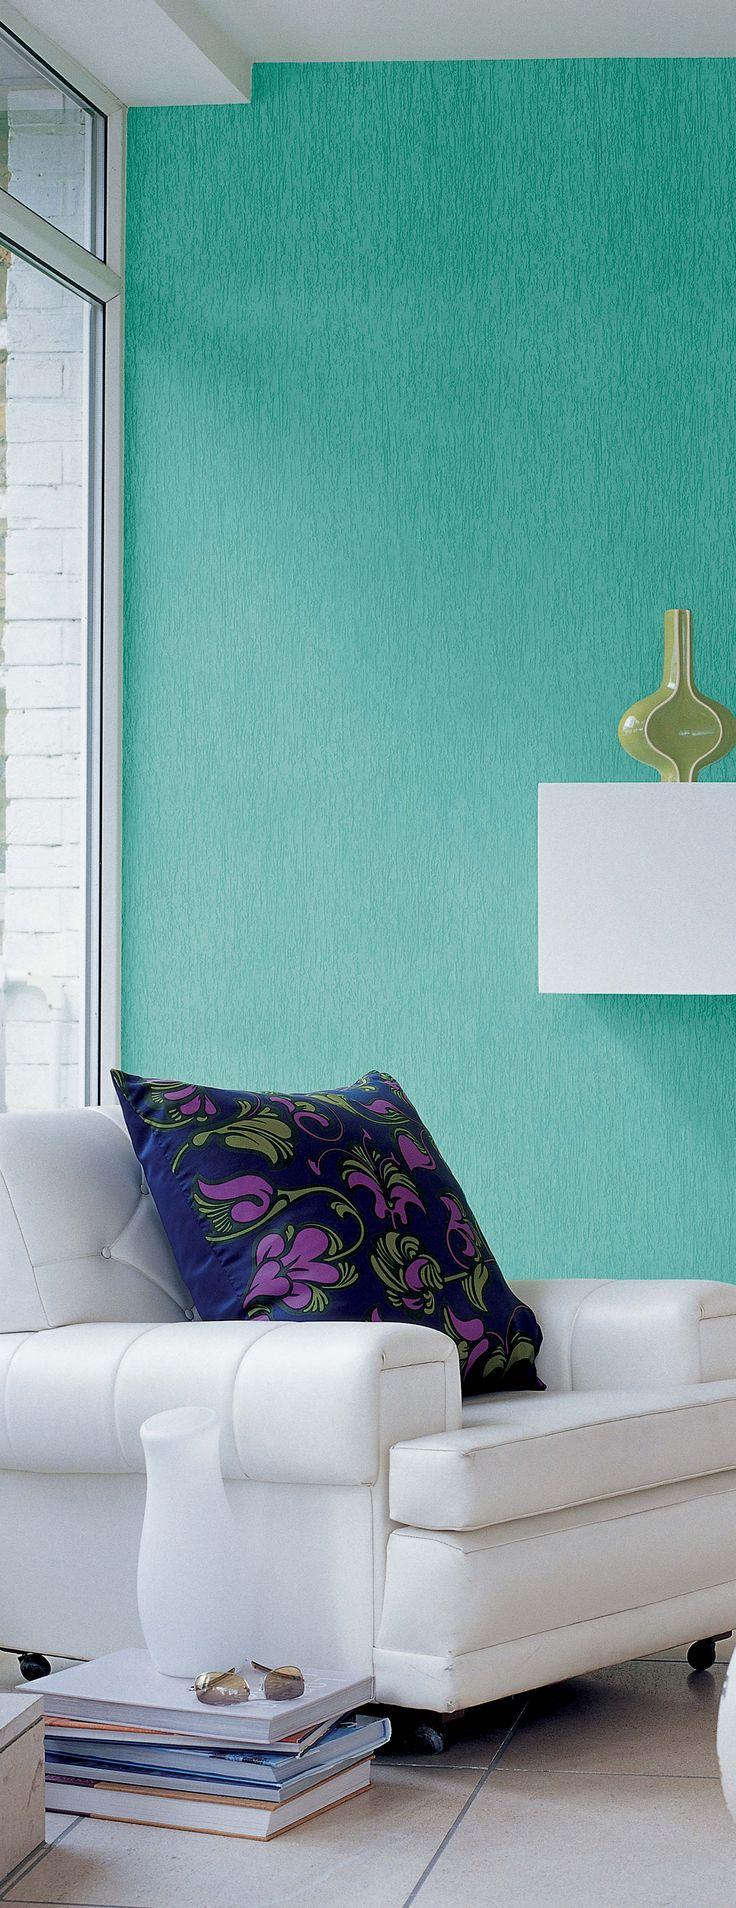 Sala com textura rústica e cor impactante, uma boa ideia, né?